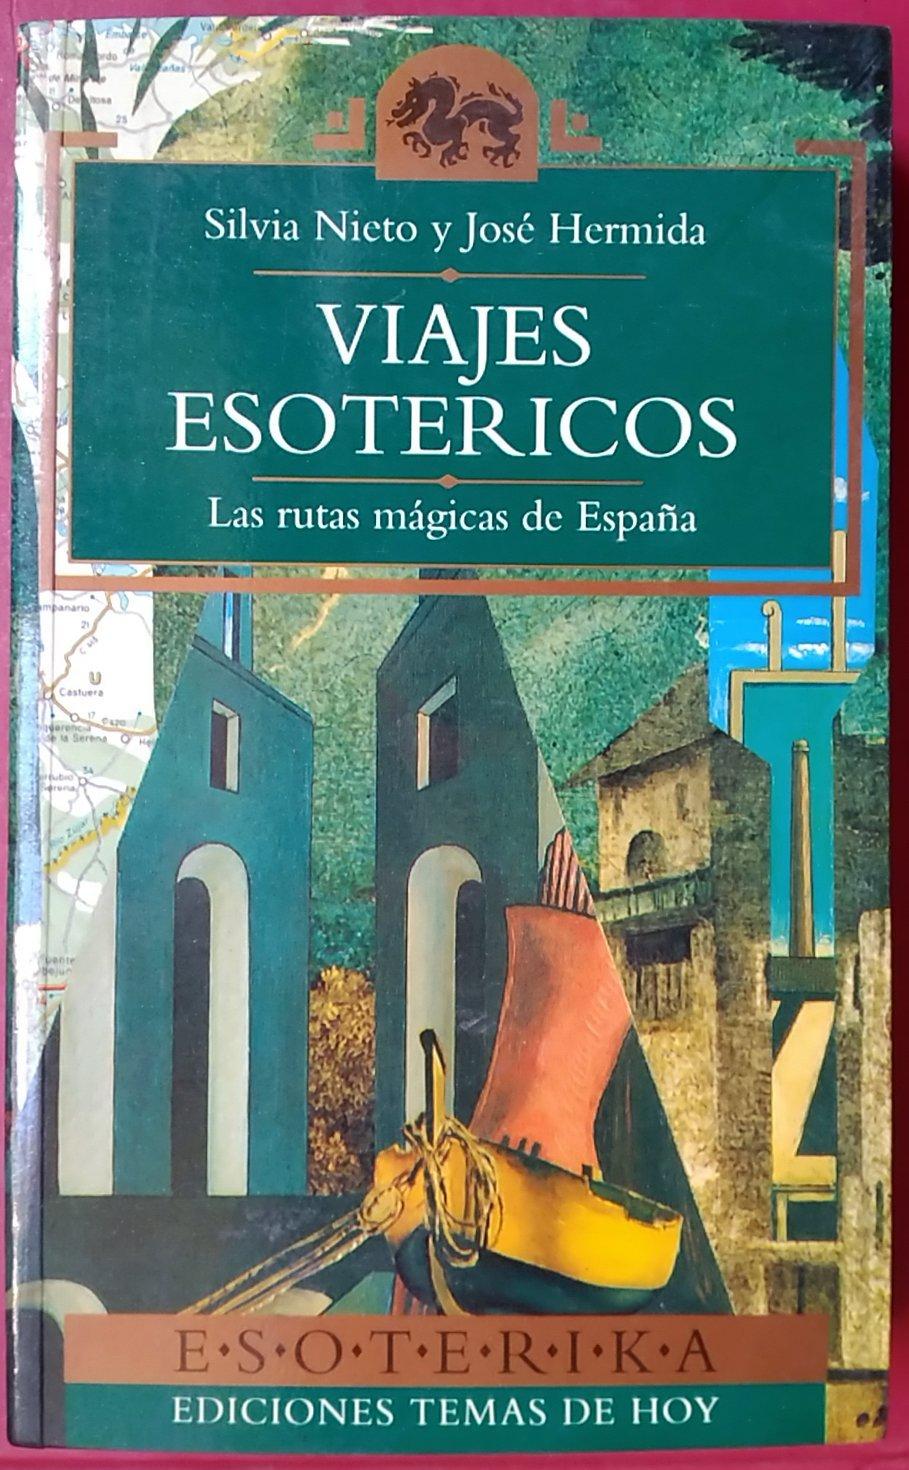 Viajes esotéricos. Las rutas mágicas de España: Amazon.es: Silvia Nieto y José Hermida: Libros